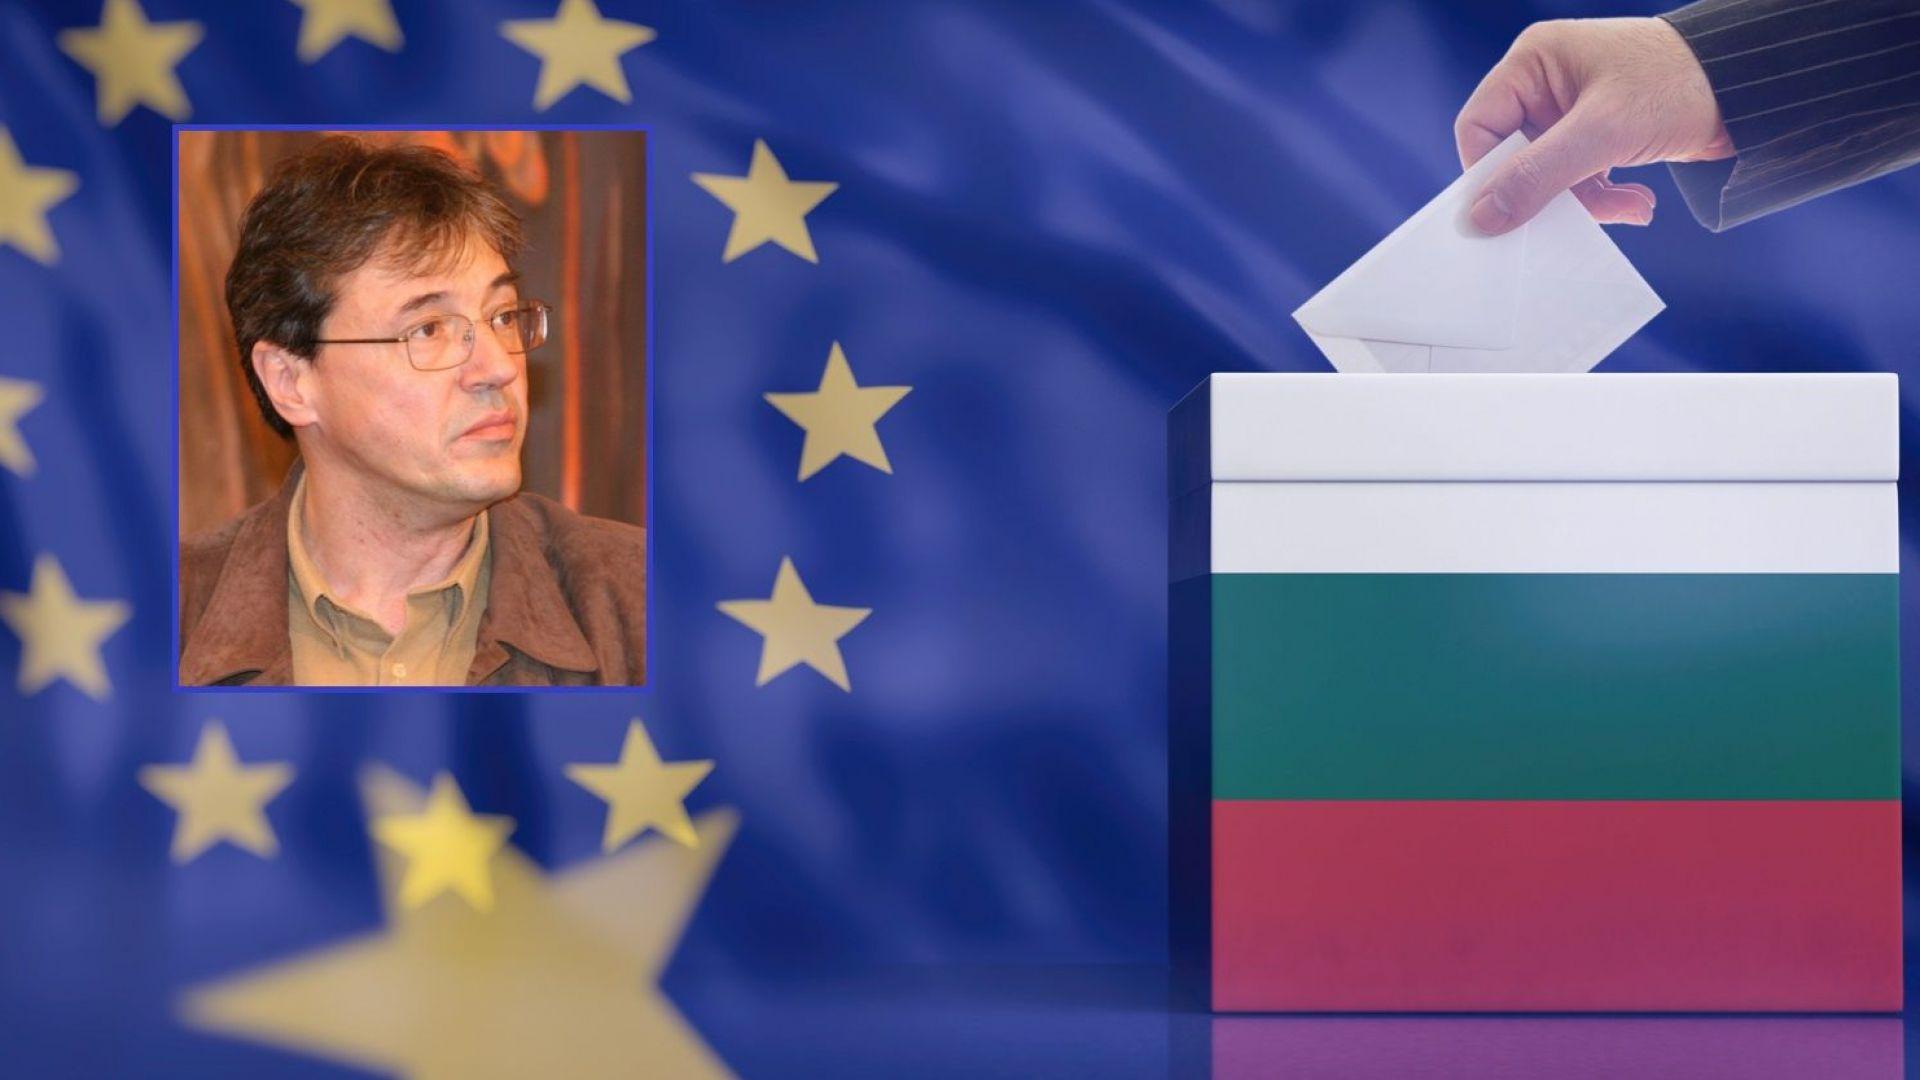 """Антоний Тодоров пред Dir.bg: Има проблем с въпроса """"Кой победи на изборите?"""""""